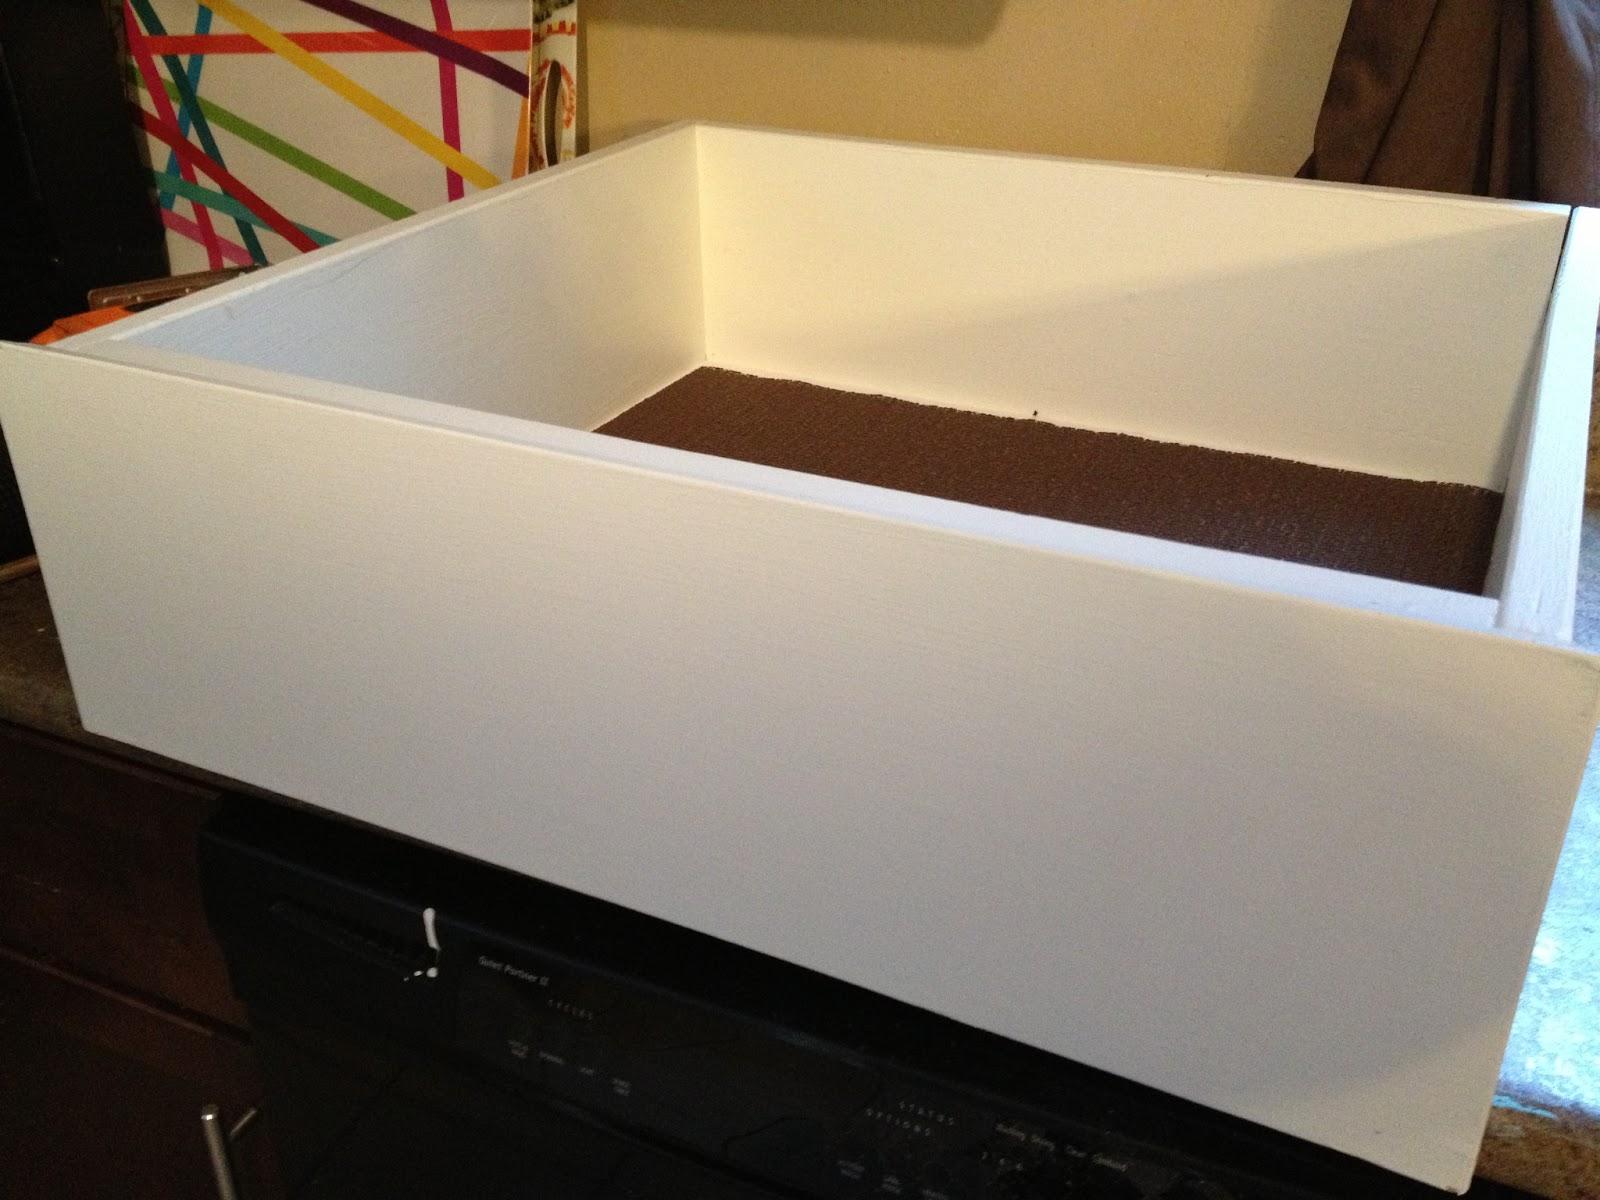 Eco pocatello architectural salvage under the bed storage for Architectural salvage coffee table